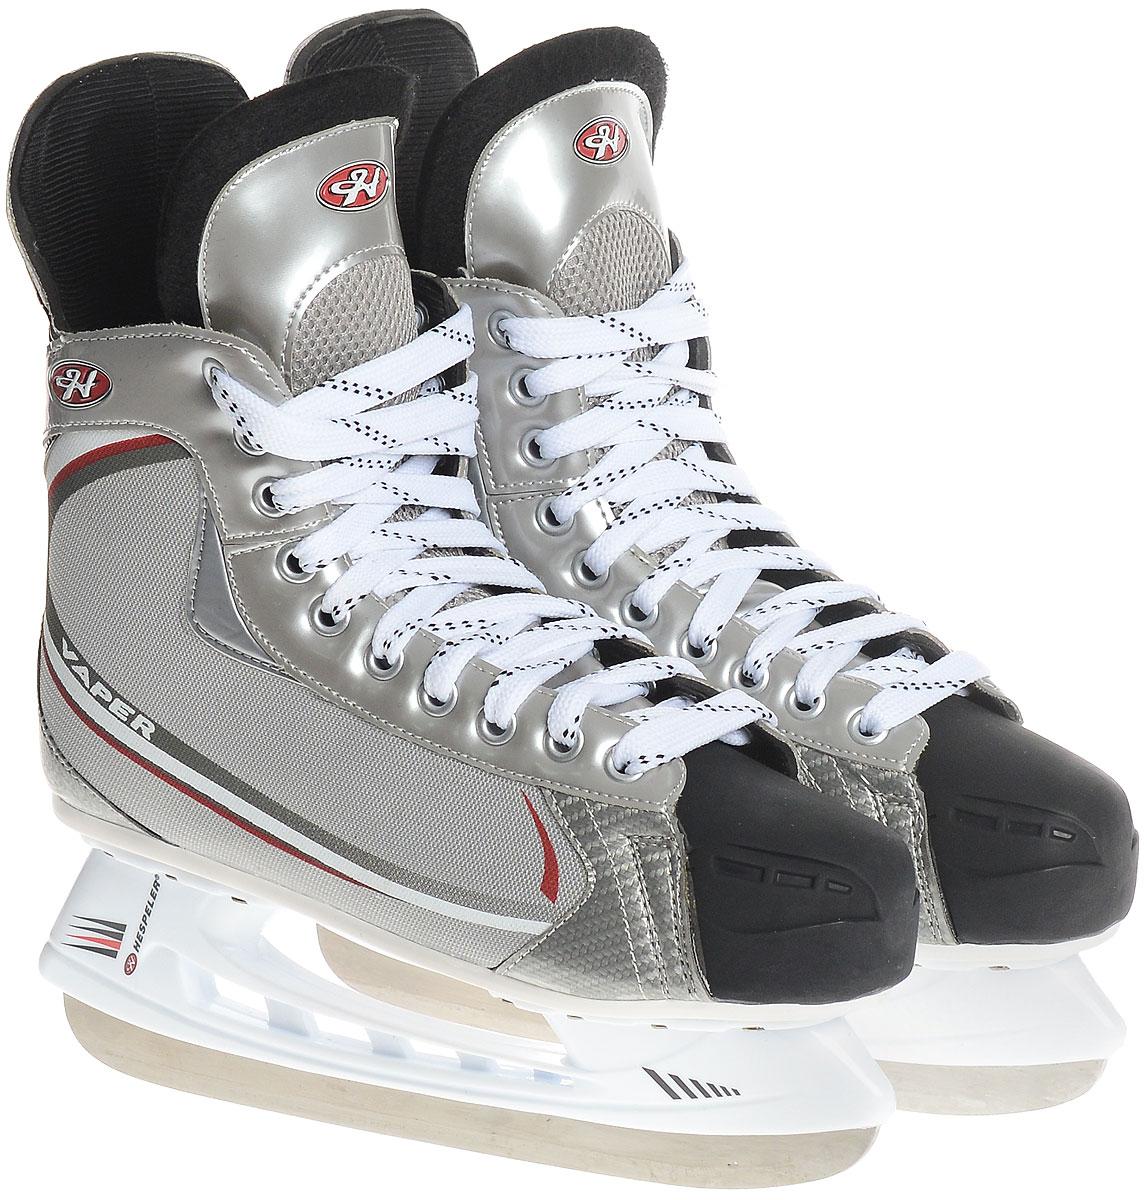 Коньки хоккейные мужские Hespeler Vaper, цвет: серый, белый, красный. Размер 45Vaper_серый, белый, красный_45Спортивные, облегченные хоккейные коньки с ударопрочной защитной конструкцией от Hespeler Vaper предназначены для соревнований и тренировок. Ботинки изготовлены из комбинации текстиля и морозостойкого полиуретана, который защитит ноги от ударов. Выполненные по всем необходимым стандартам, они имеют традиционную шнуровку с высоким задником и язычком, плотно обхватывающими ногу. Внутренняя часть и стелька выполнены из текстиля, а язычок - из войлока, который обеспечит тепло и комфорт во время катания. Прочные композитные вставки на носах выдержат даже сильные удары о бортик. Голеностоп имеет удобный суппорт. Изделие по бокам и на язычке декорировано оригинальным принтом и тиснением в виде логотипа бренда. Подошва - из твердого пластика. Лезвие изготовлено из стали со специальным покрытием, придающим дополнительную прочность. Стильные коньки придутся вам по душе.